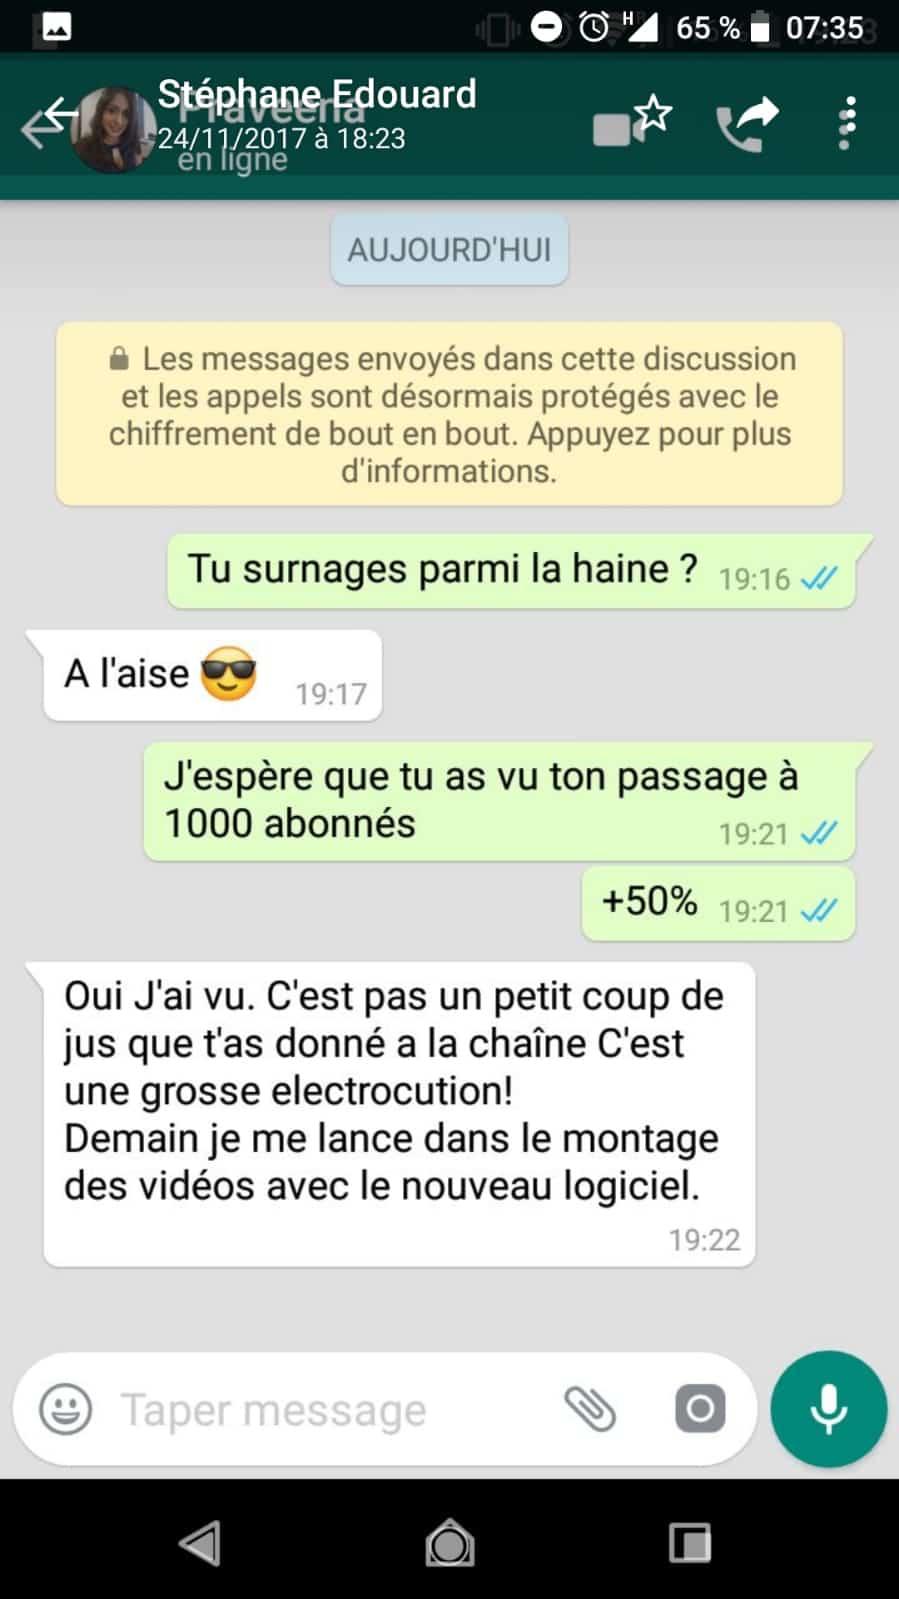 Stephane Edouard A Repondu Aux Kheys Qui Le Parodient Sur Le Forum Blabla 18 25 Ans 21 08 2020 11 24 48 Page 4 Jeuxvideo Com